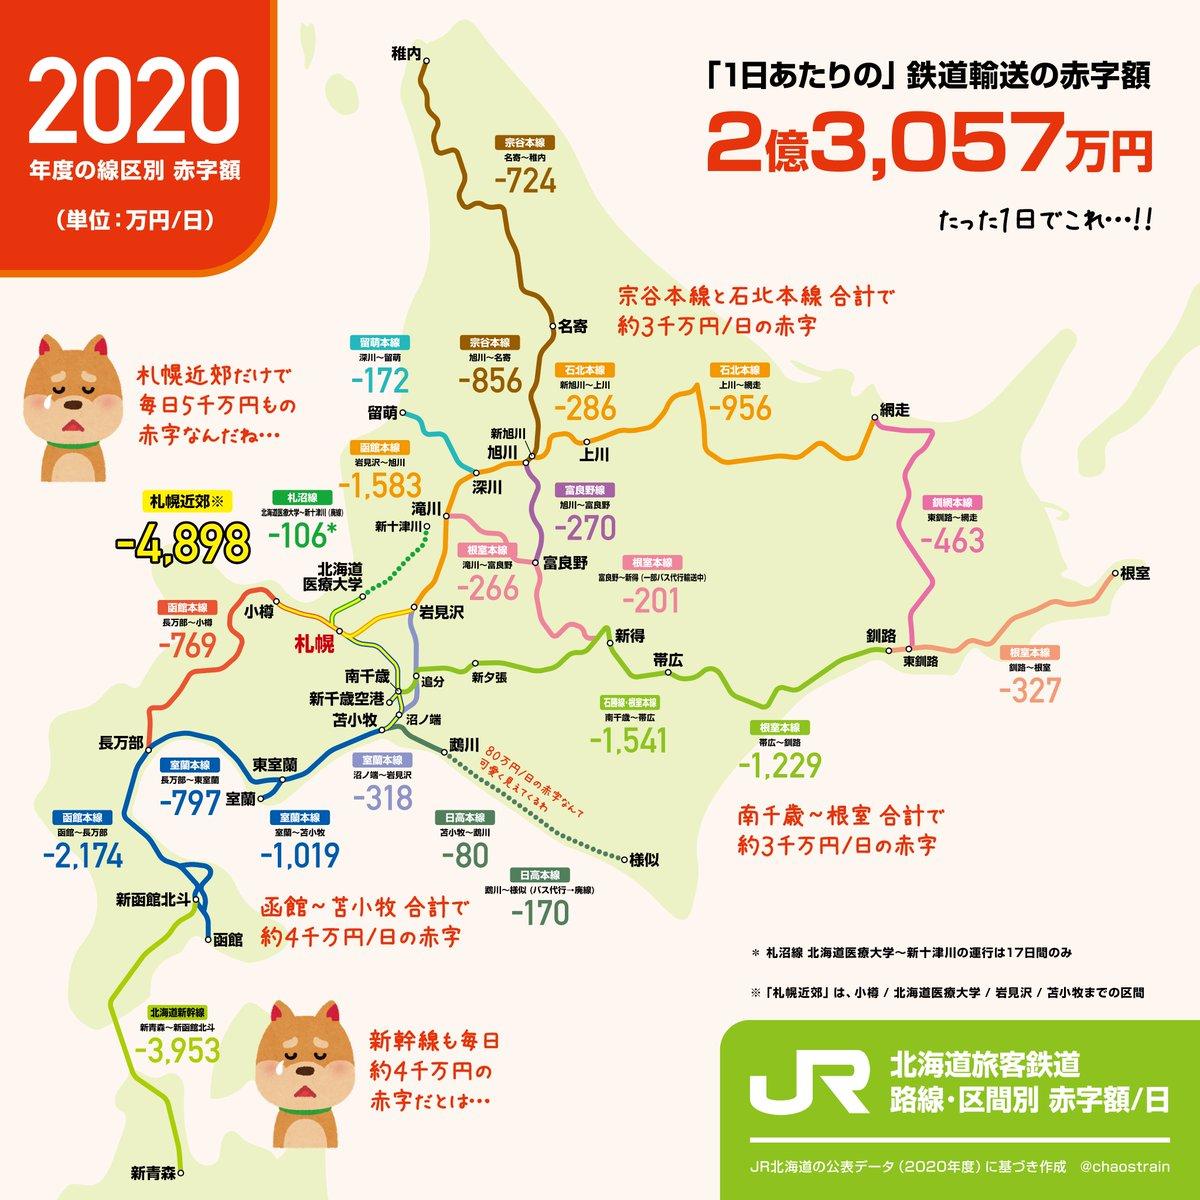 コロナ あか 東西分割 新幹線 草はよコロナに関連した画像-05